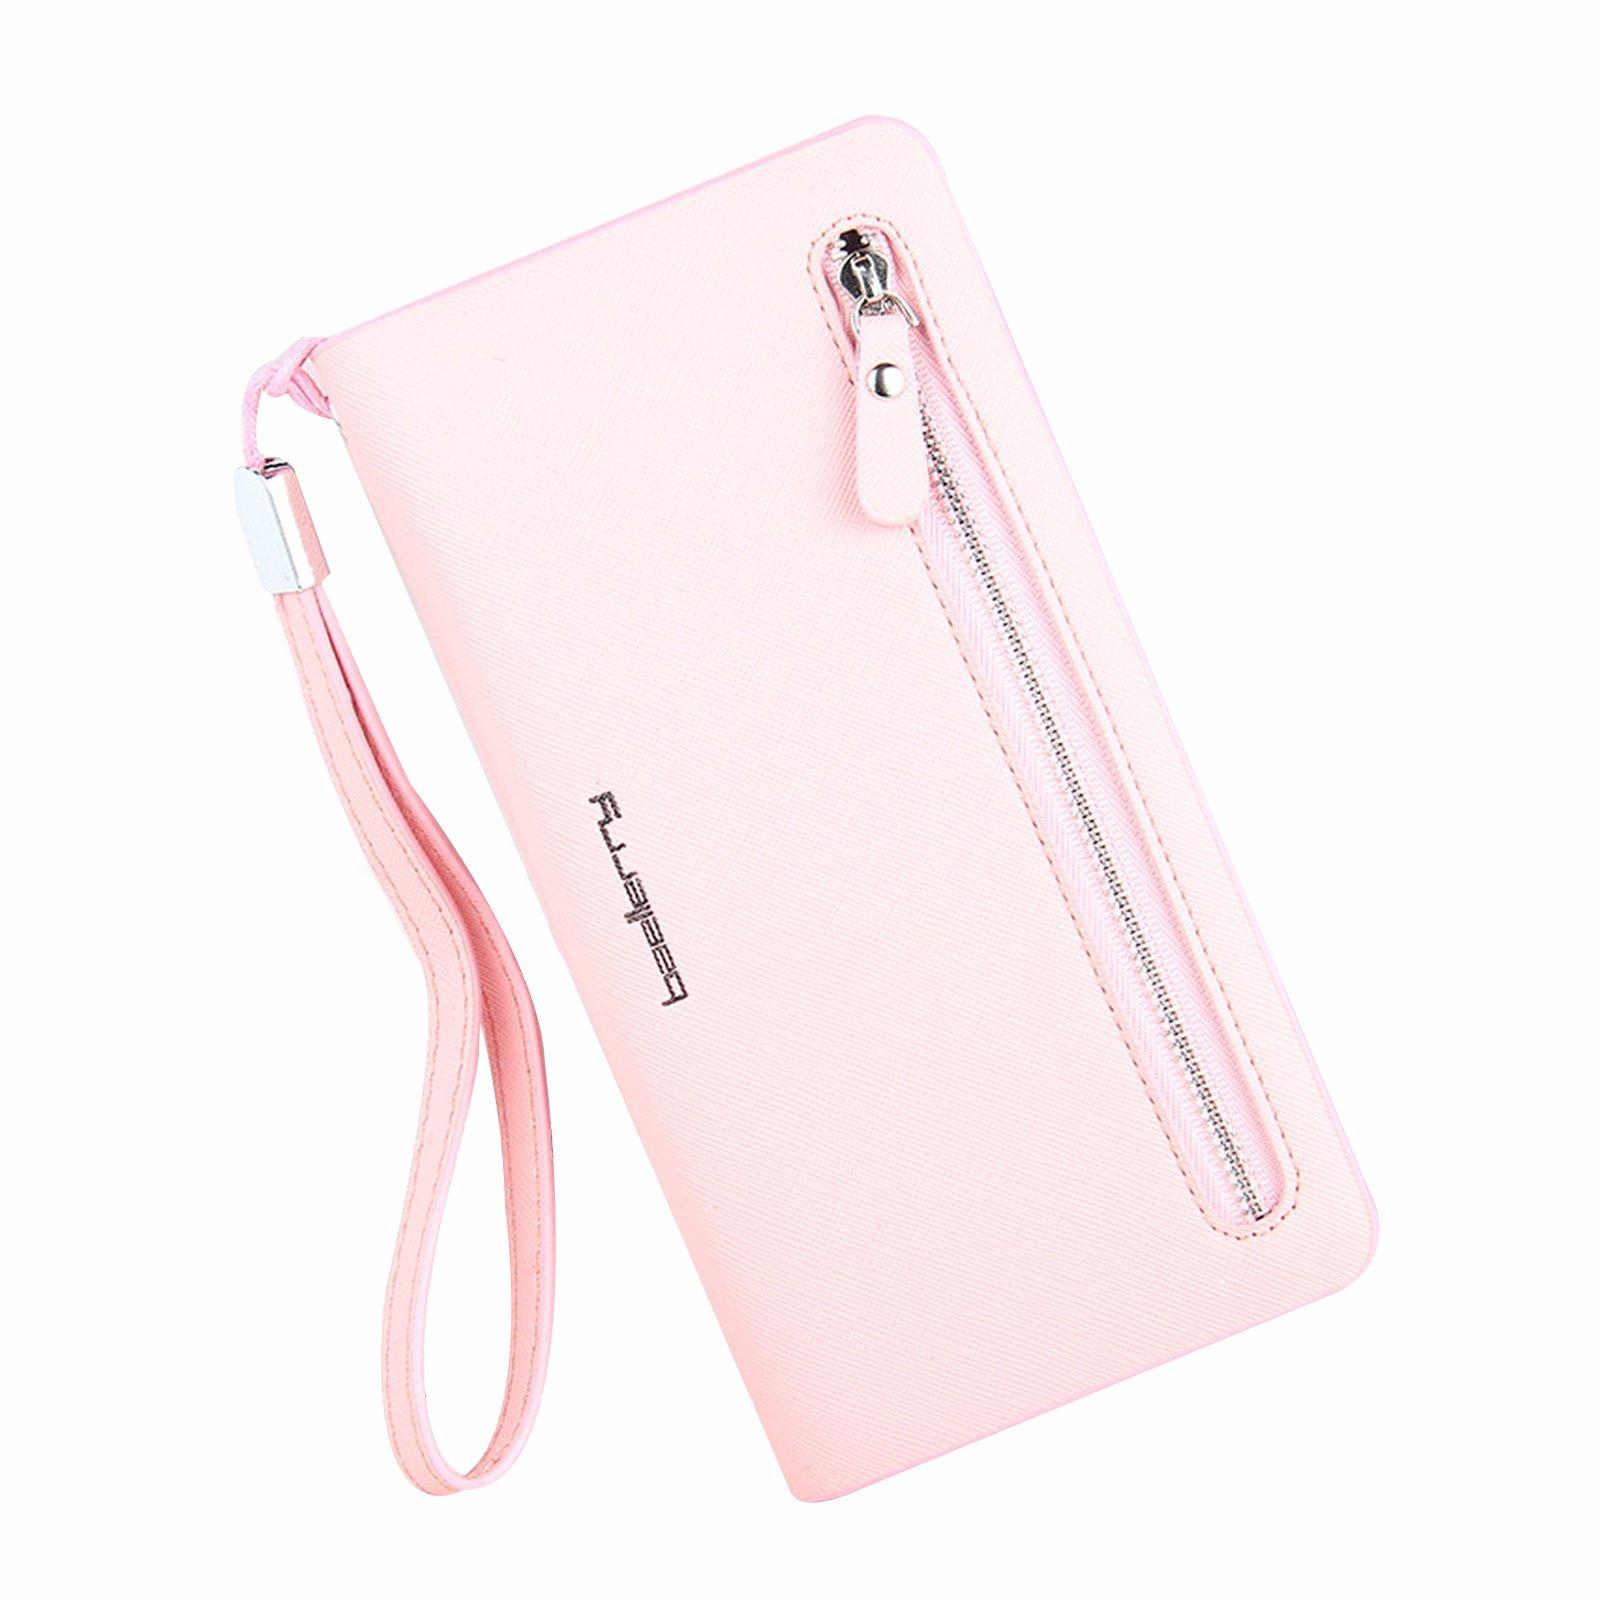 Leather Wallet RFID Blocking Zipper Purse Checkbook Card Holder Organizer Pink